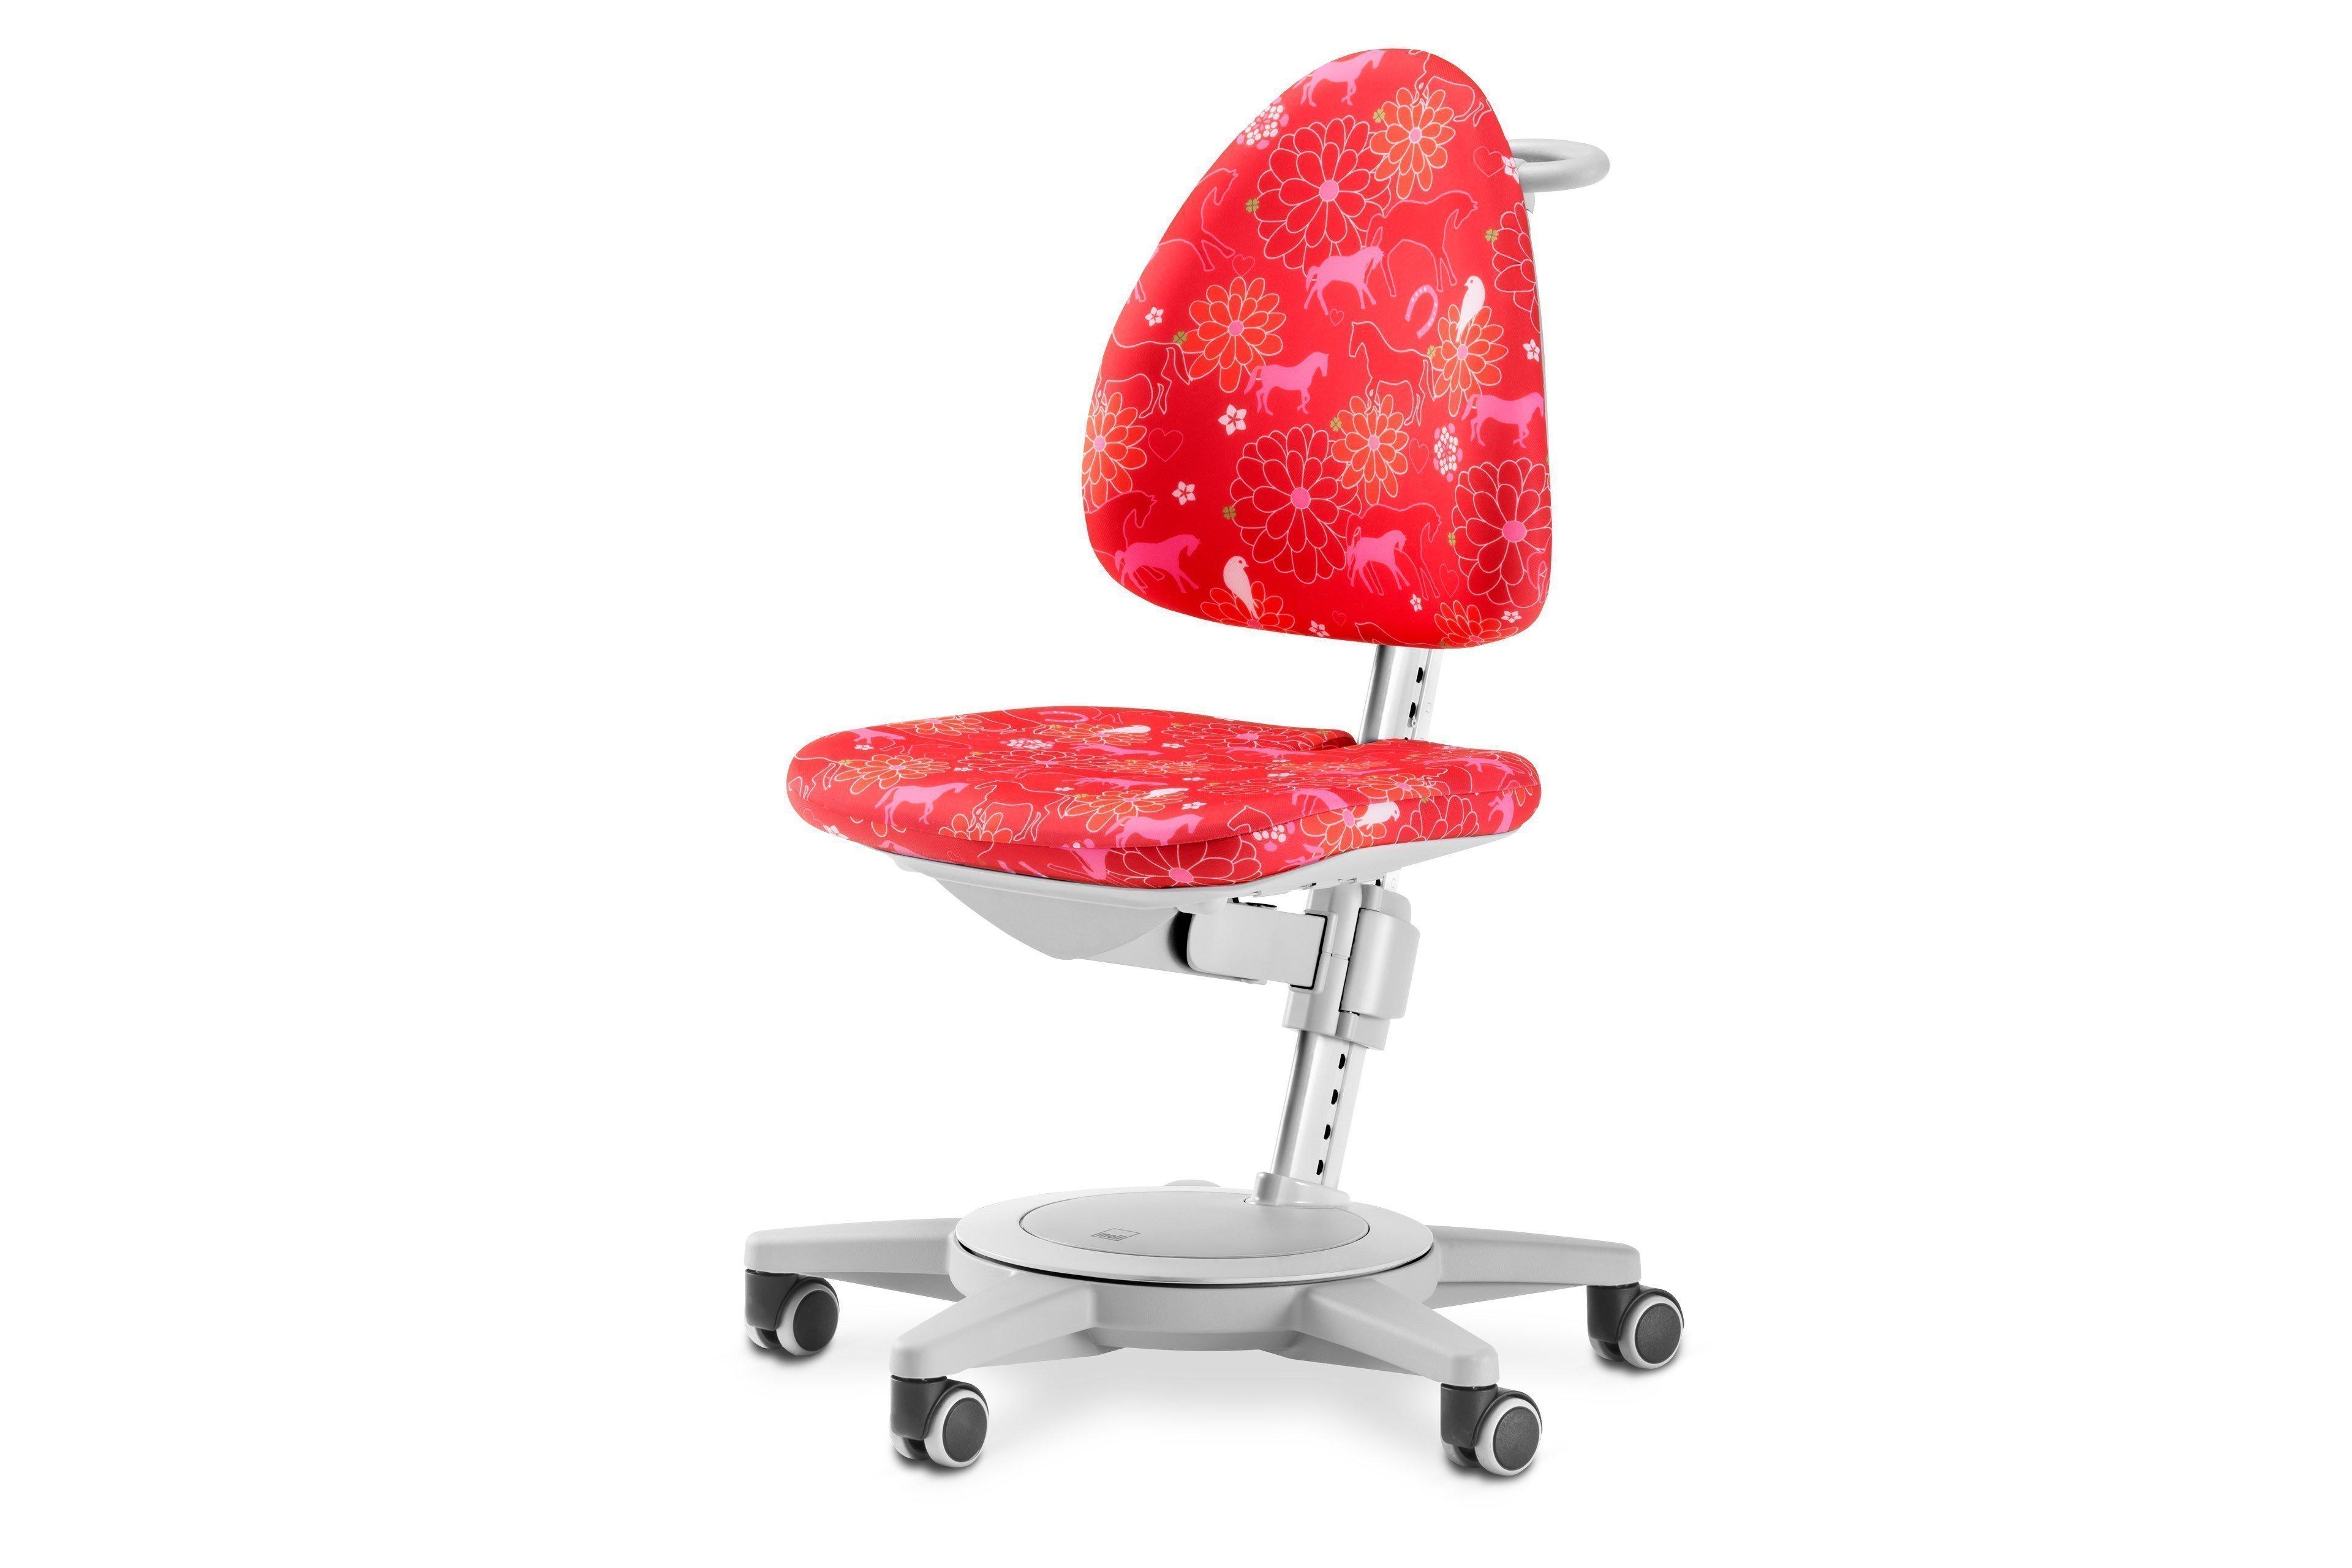 Schreibtischstuhl kinder  moll Funktionsmöbel Drehstuhl Maximo grau | Möbel Letz - Ihr ...